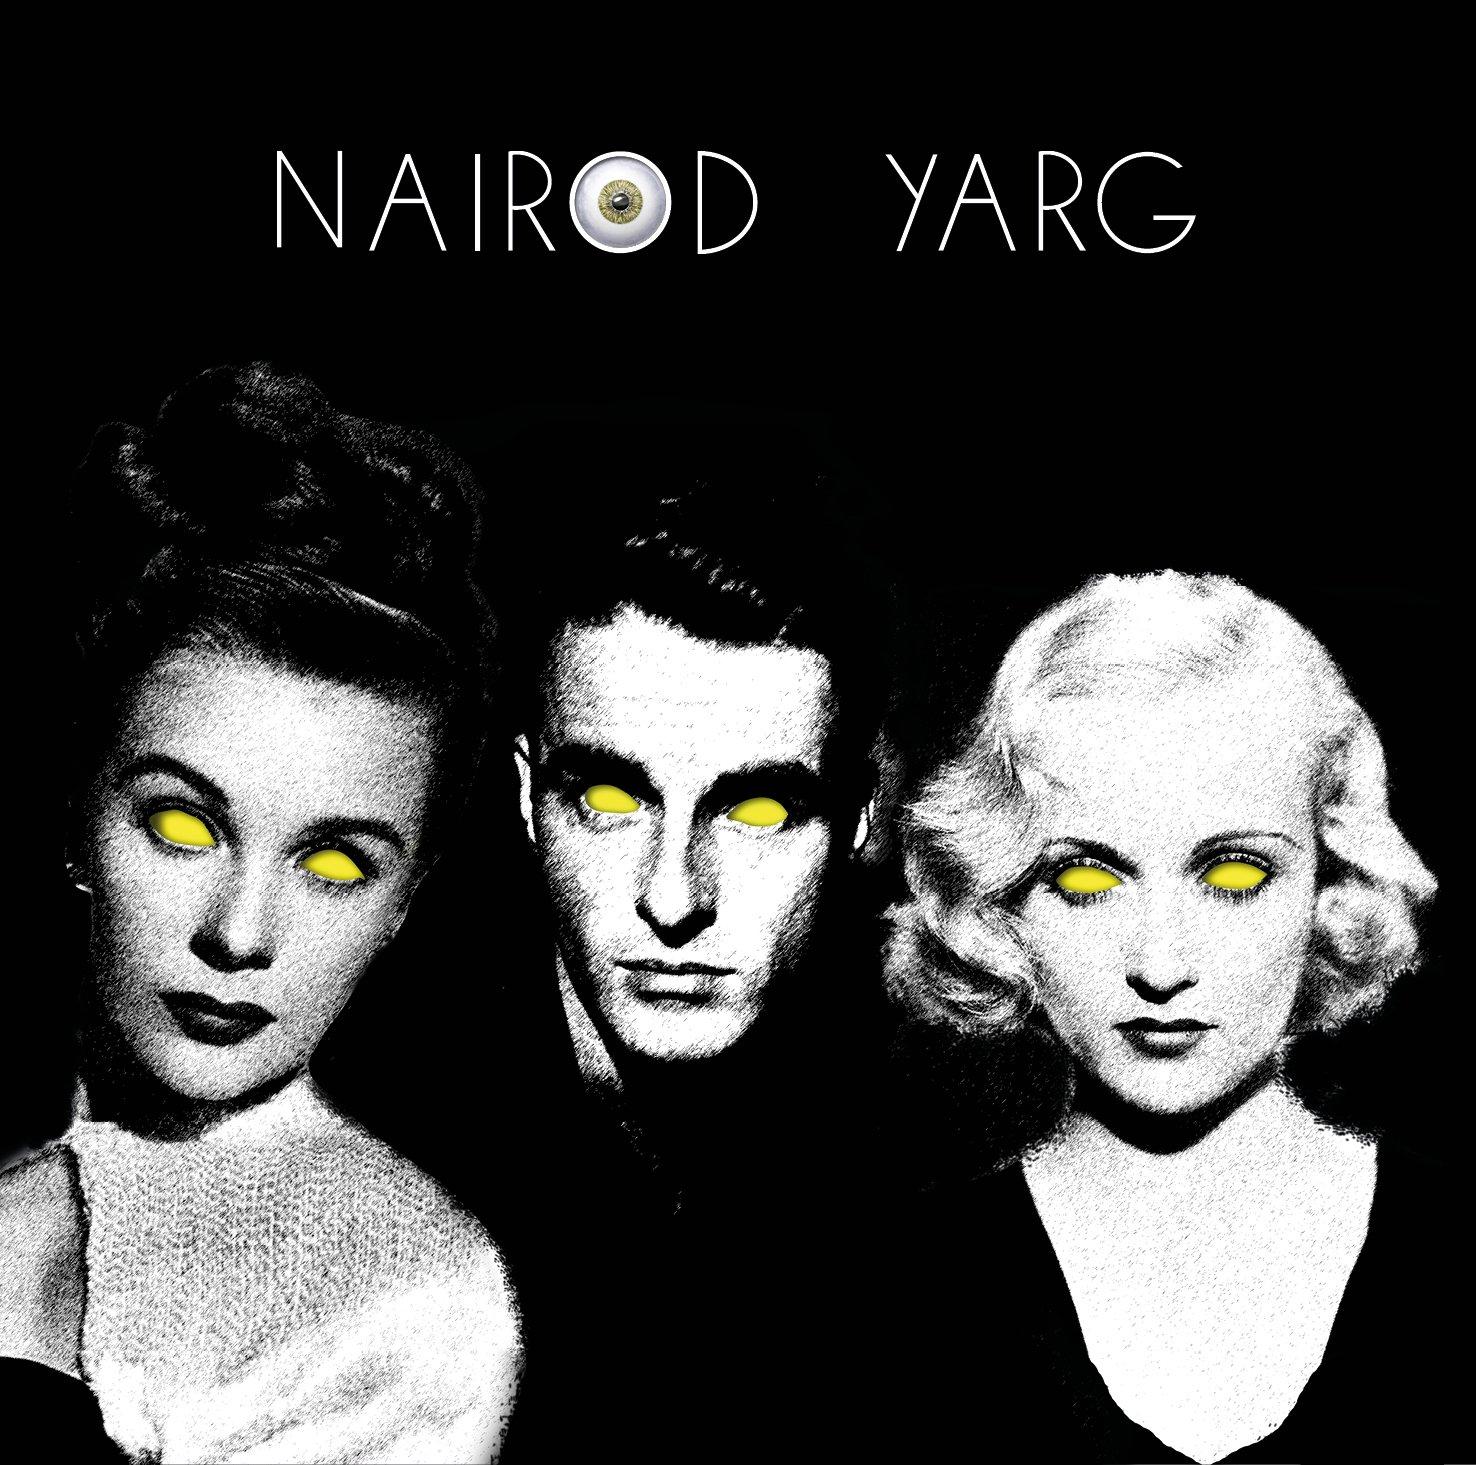 pochette-nairod-yarg-hd